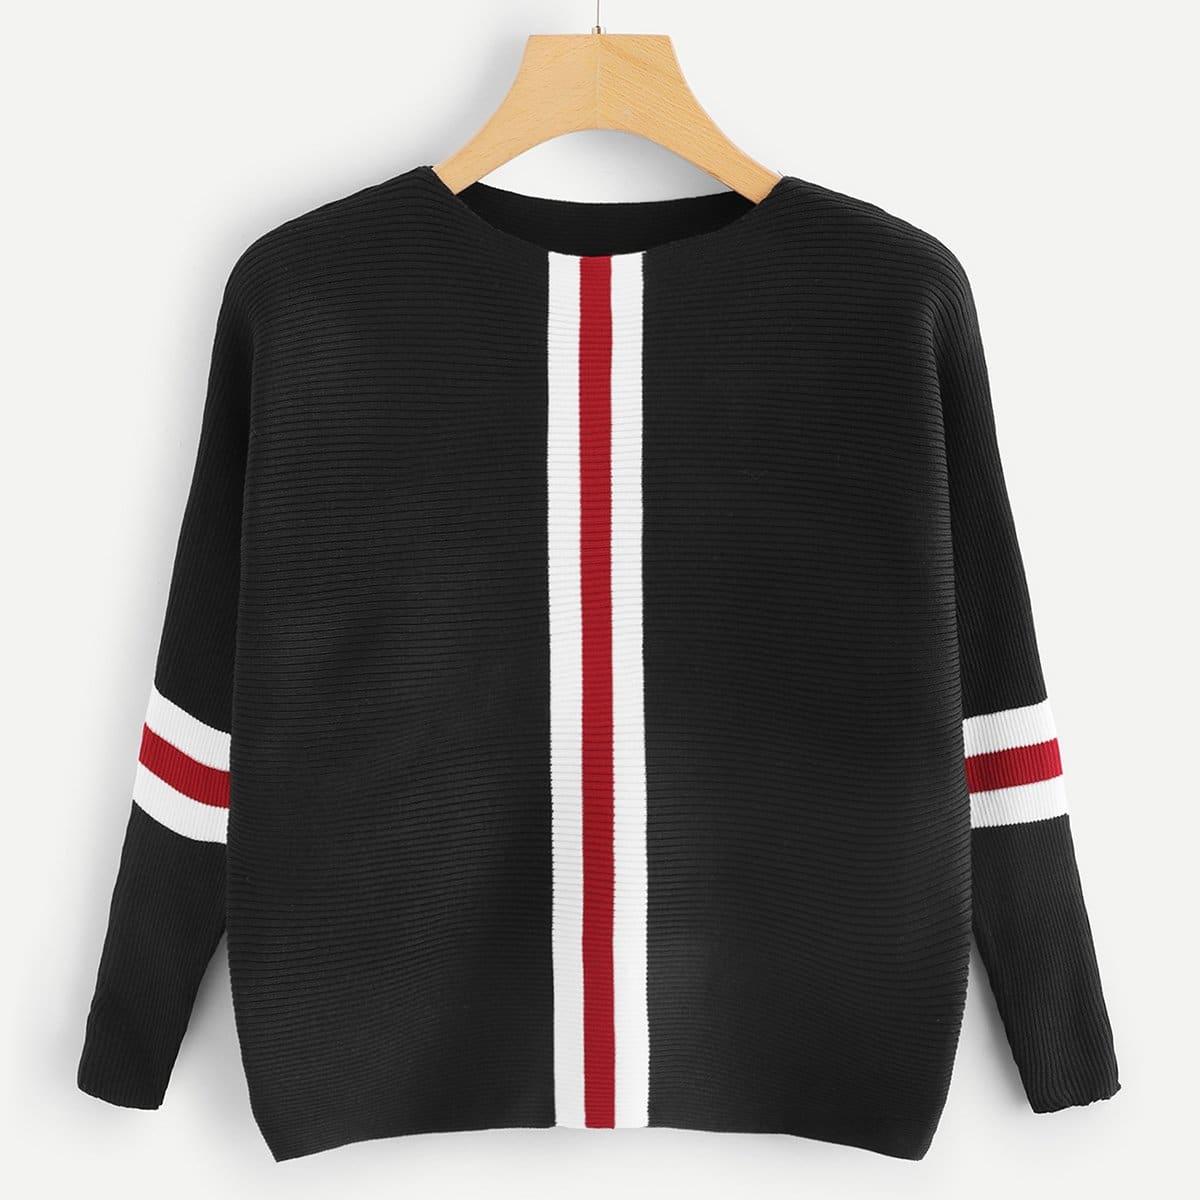 SHEIN / Pullover mit Streifen